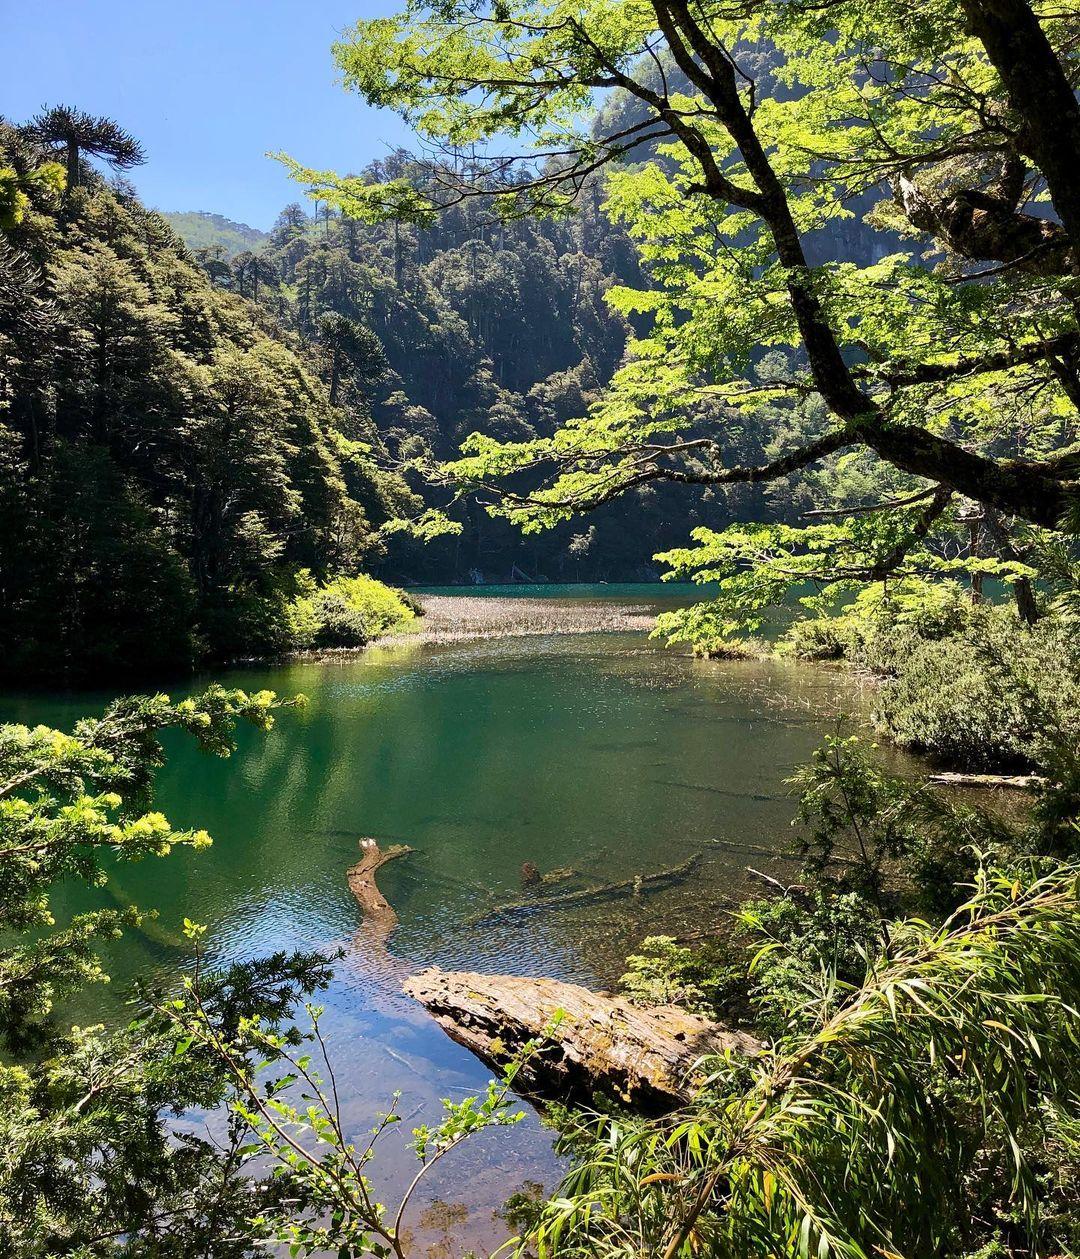 Lake Chico, Huerquehue National Park